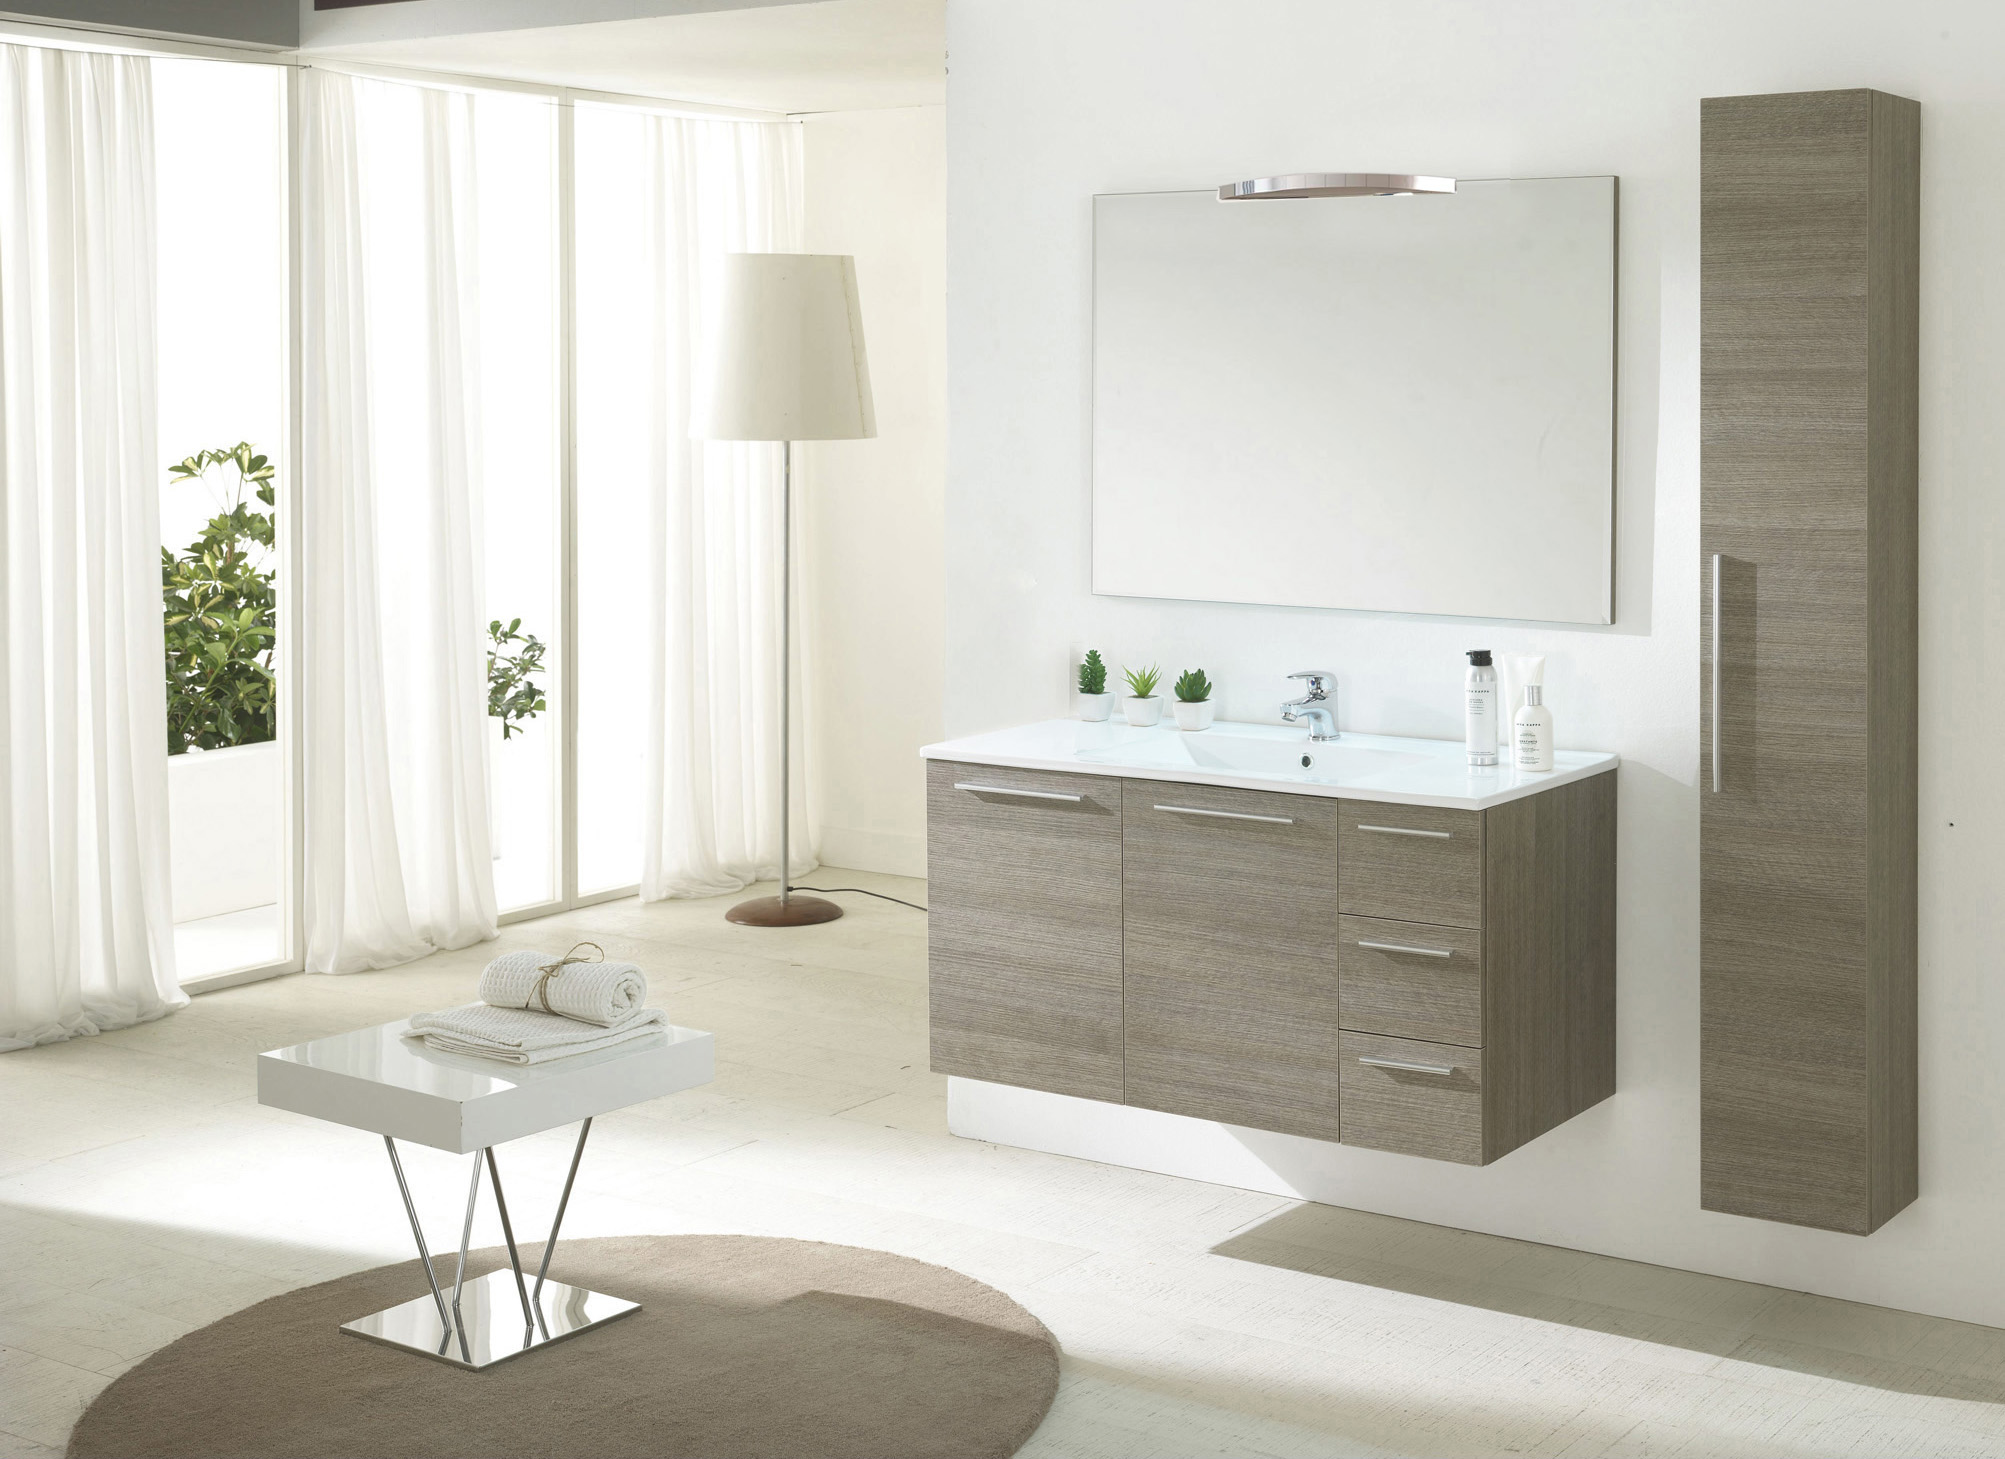 Cucina e soggiorno in 16 mq - Mobili bagno economici ...